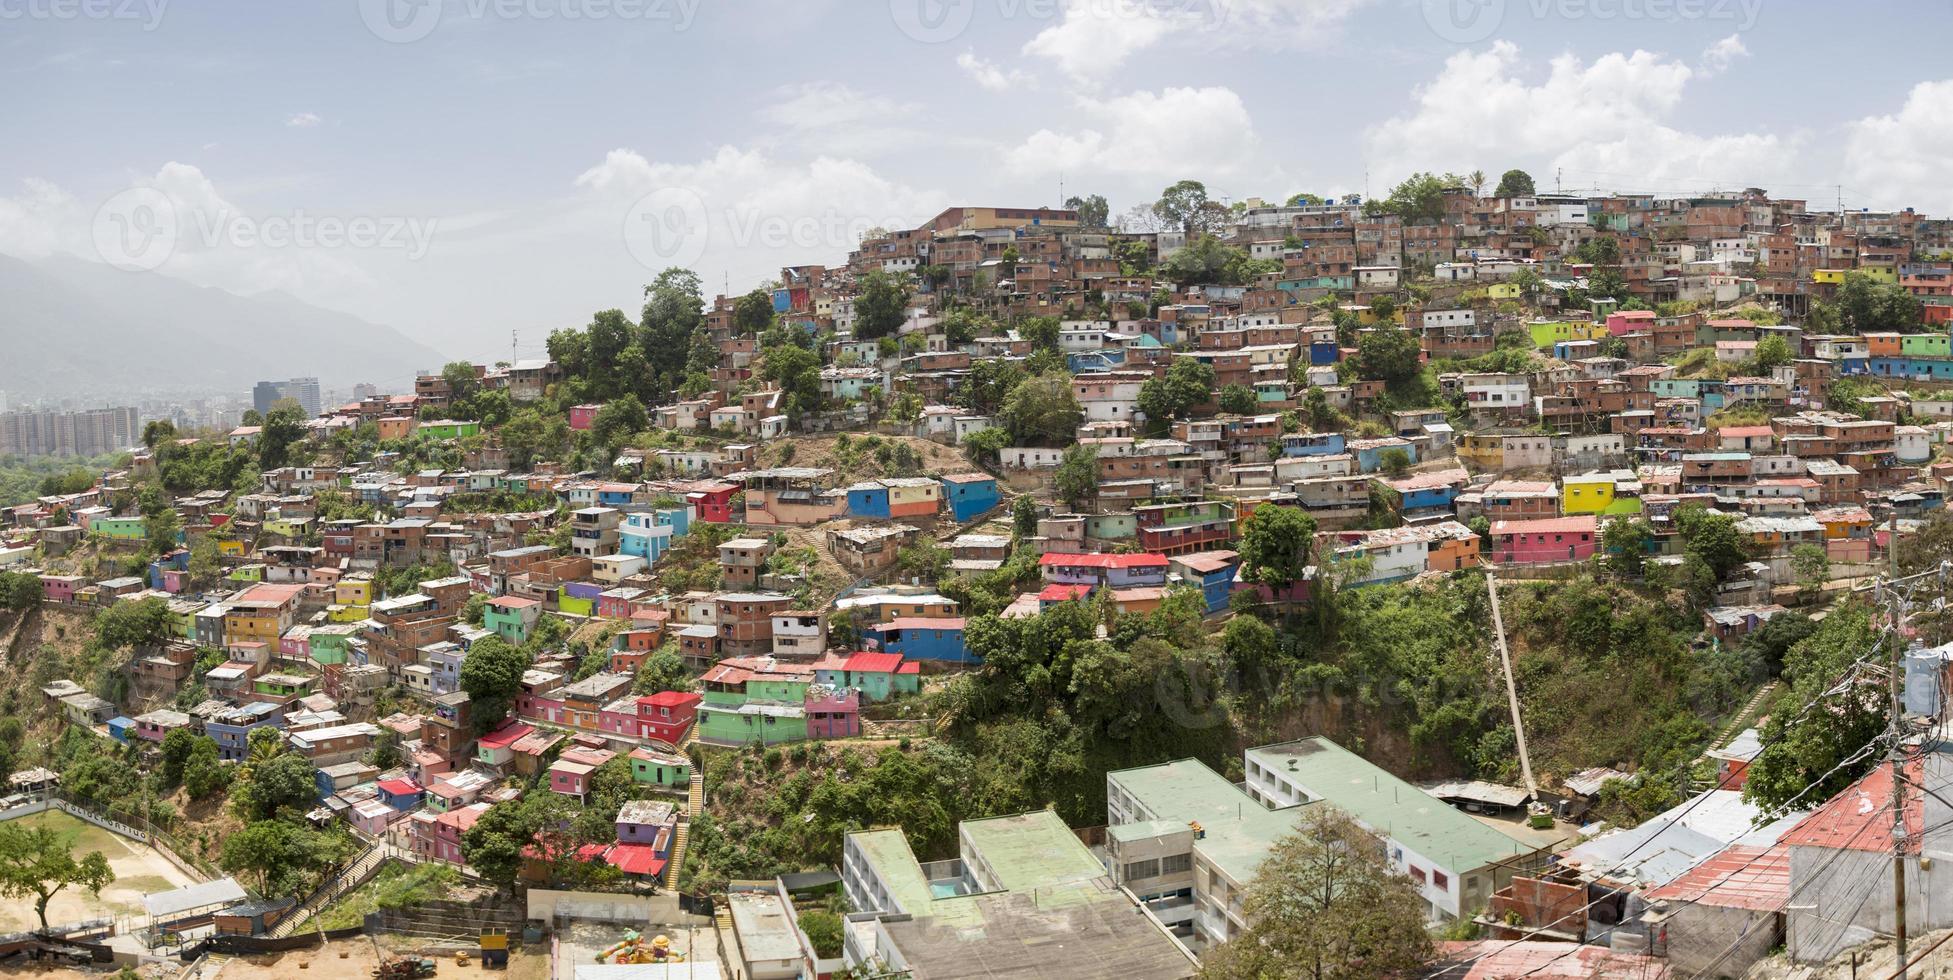 favela de caracas com pequenas casas coloridas de madeira foto